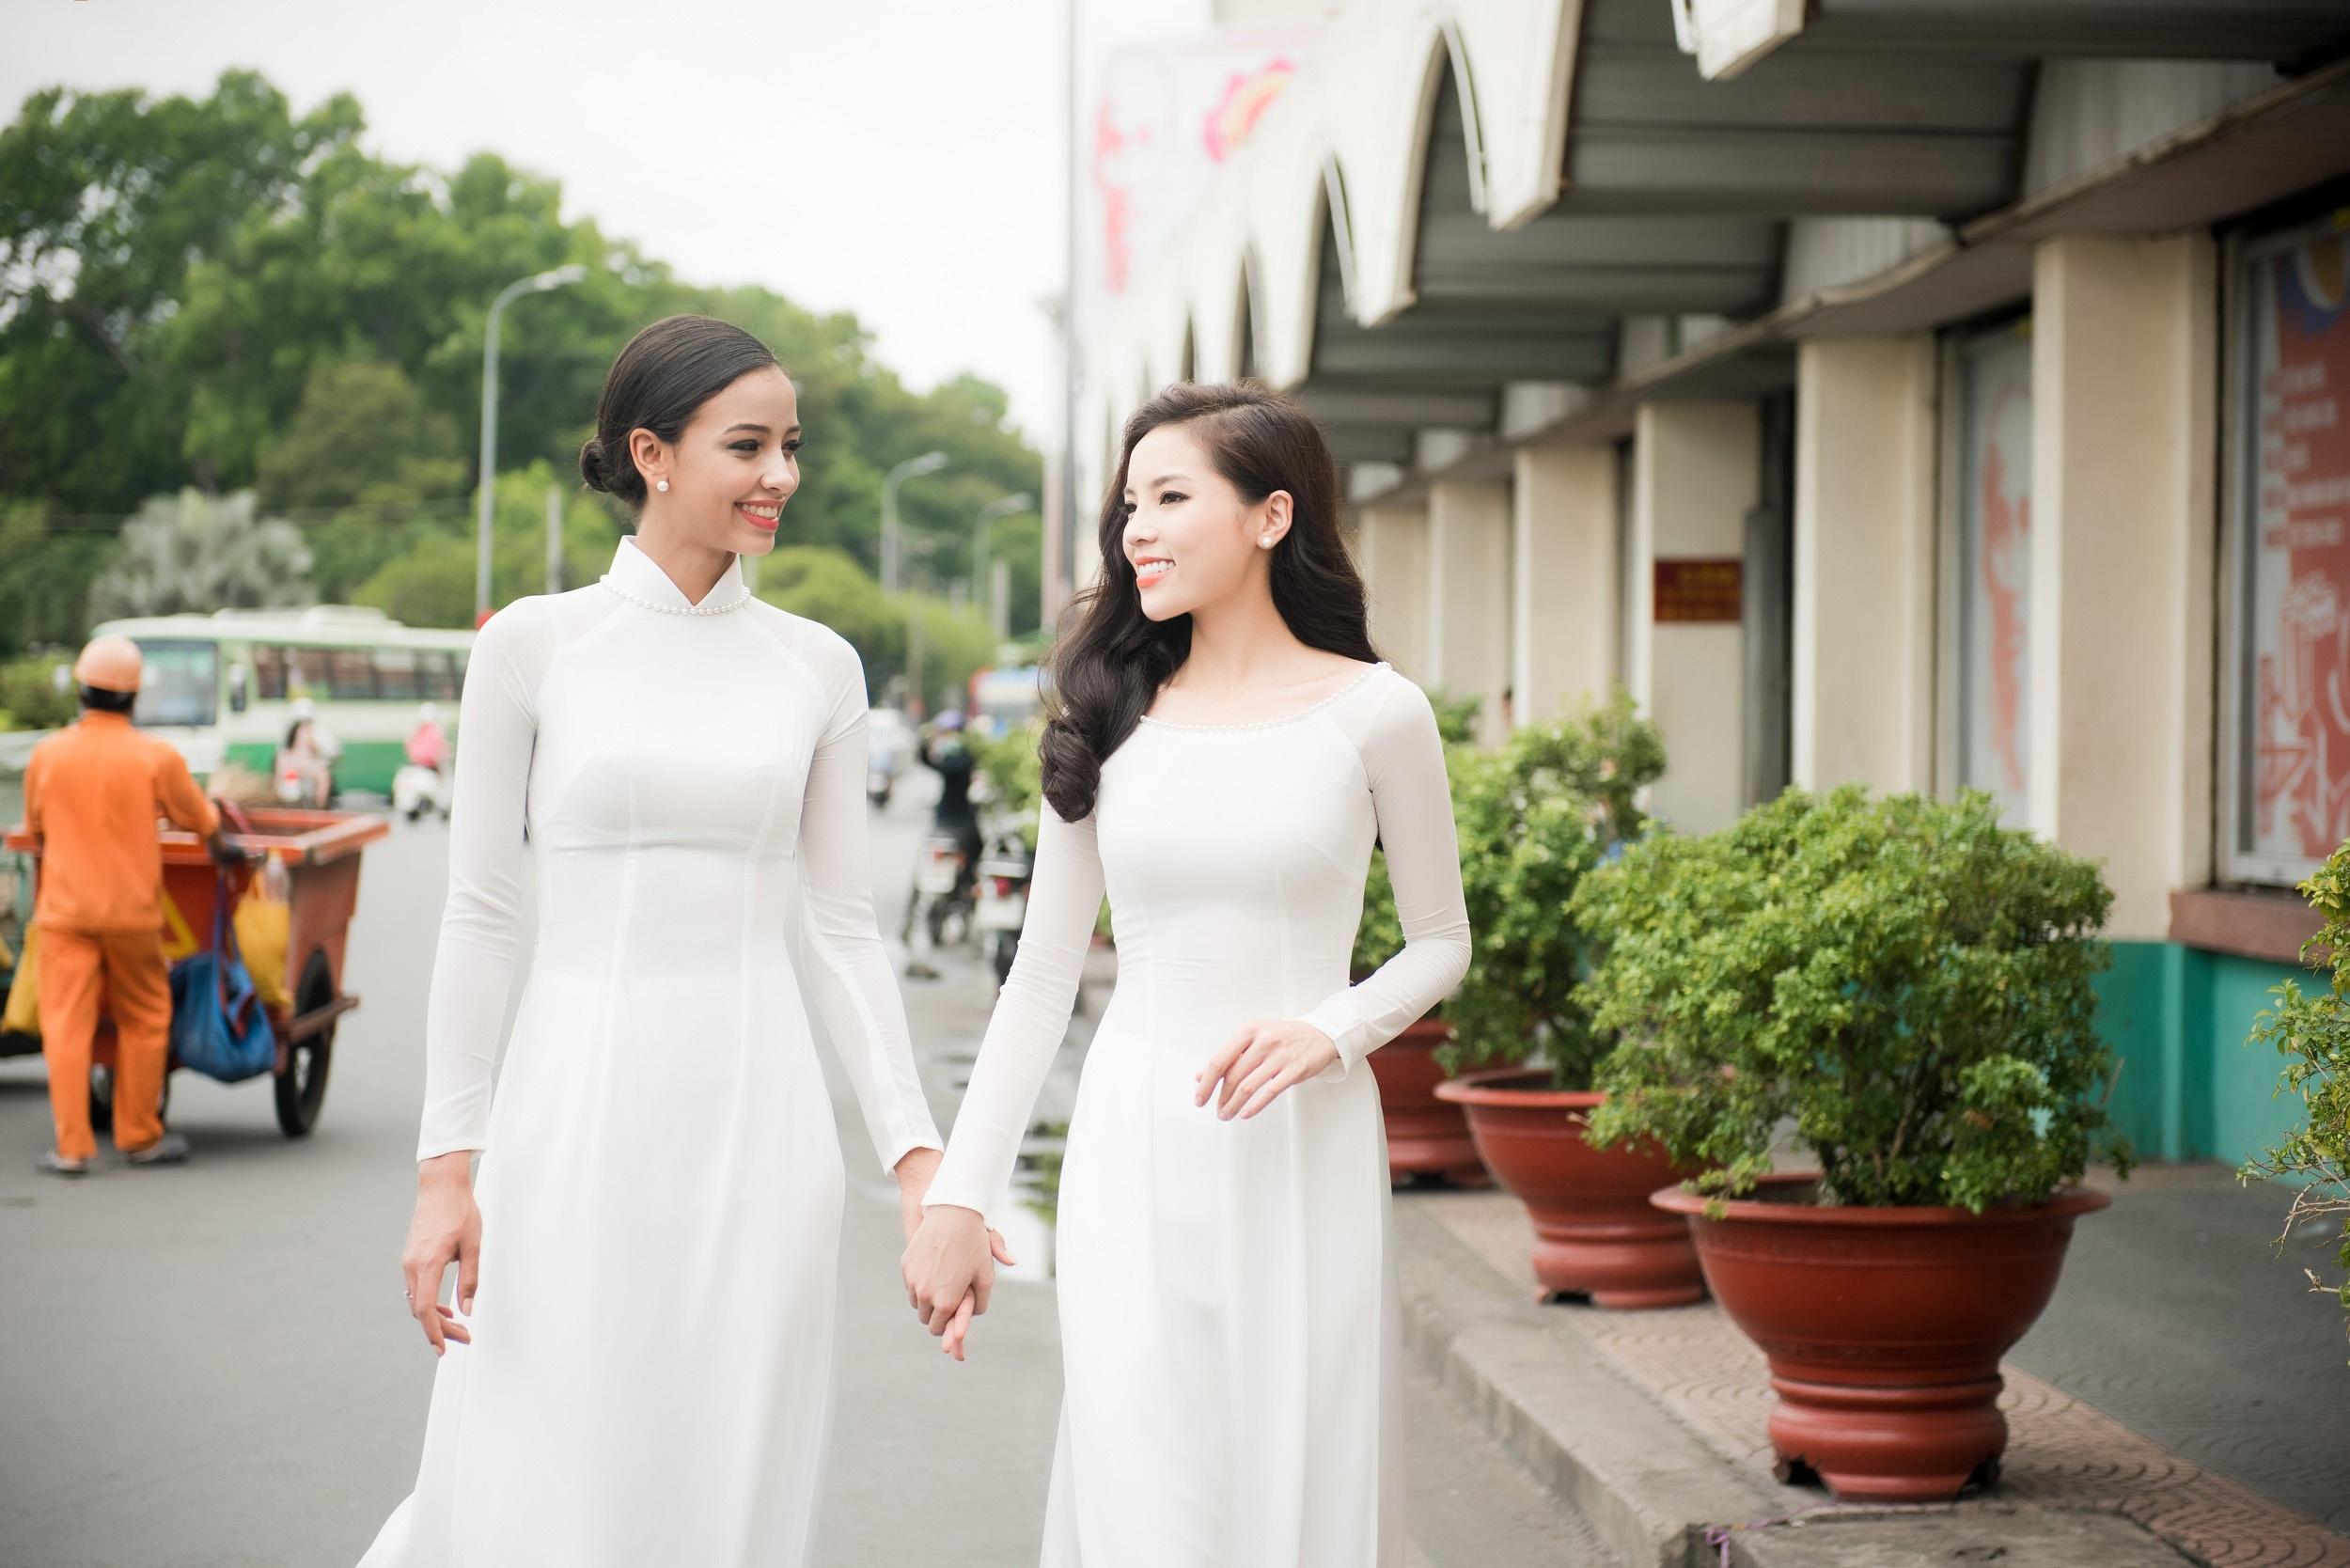 Hoa hậu Pháp cùng Kỳ Duyên thướt tha áo dài dạo phố - 1